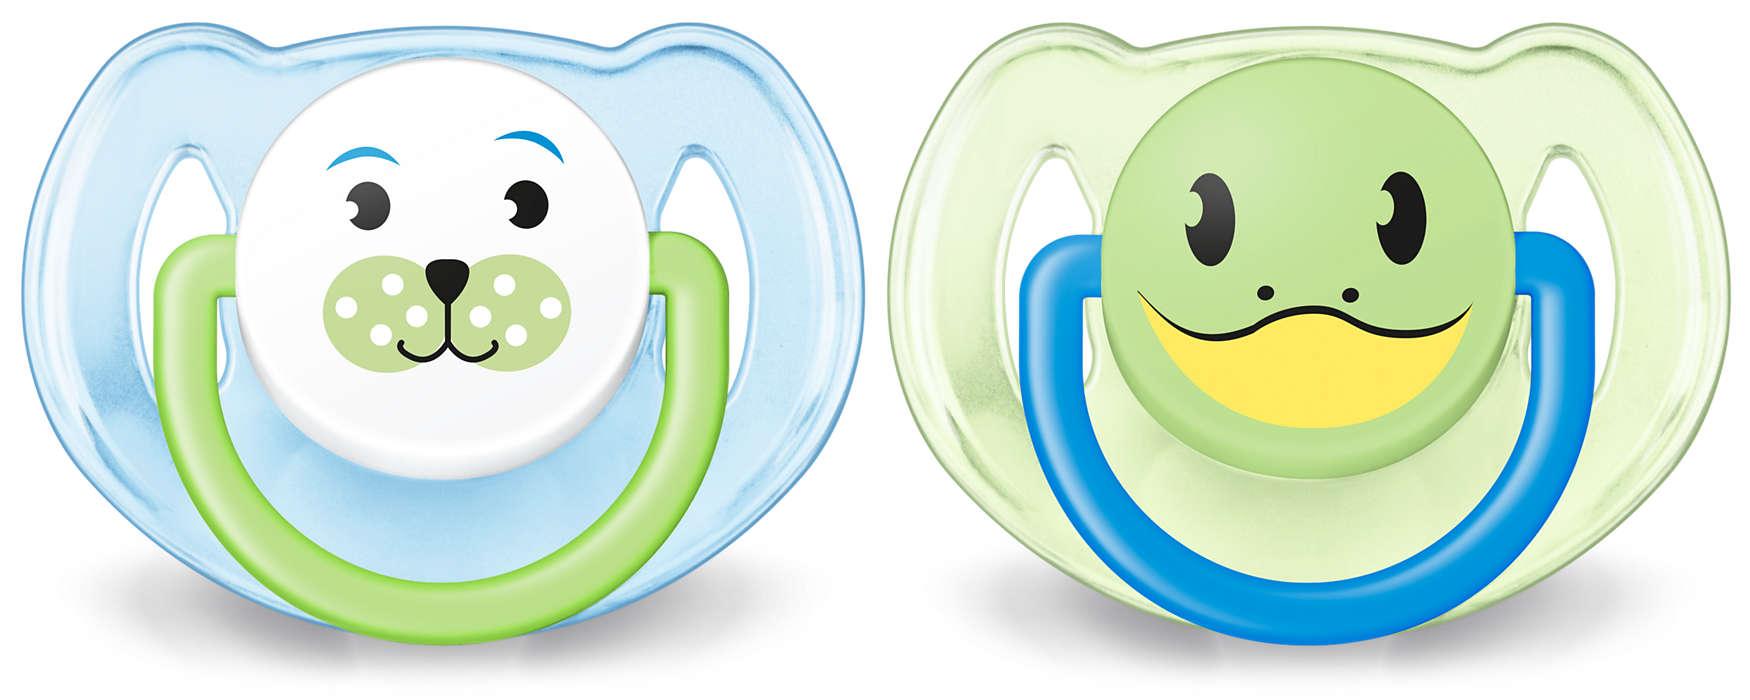 Ortodontici per un comfort ottimale